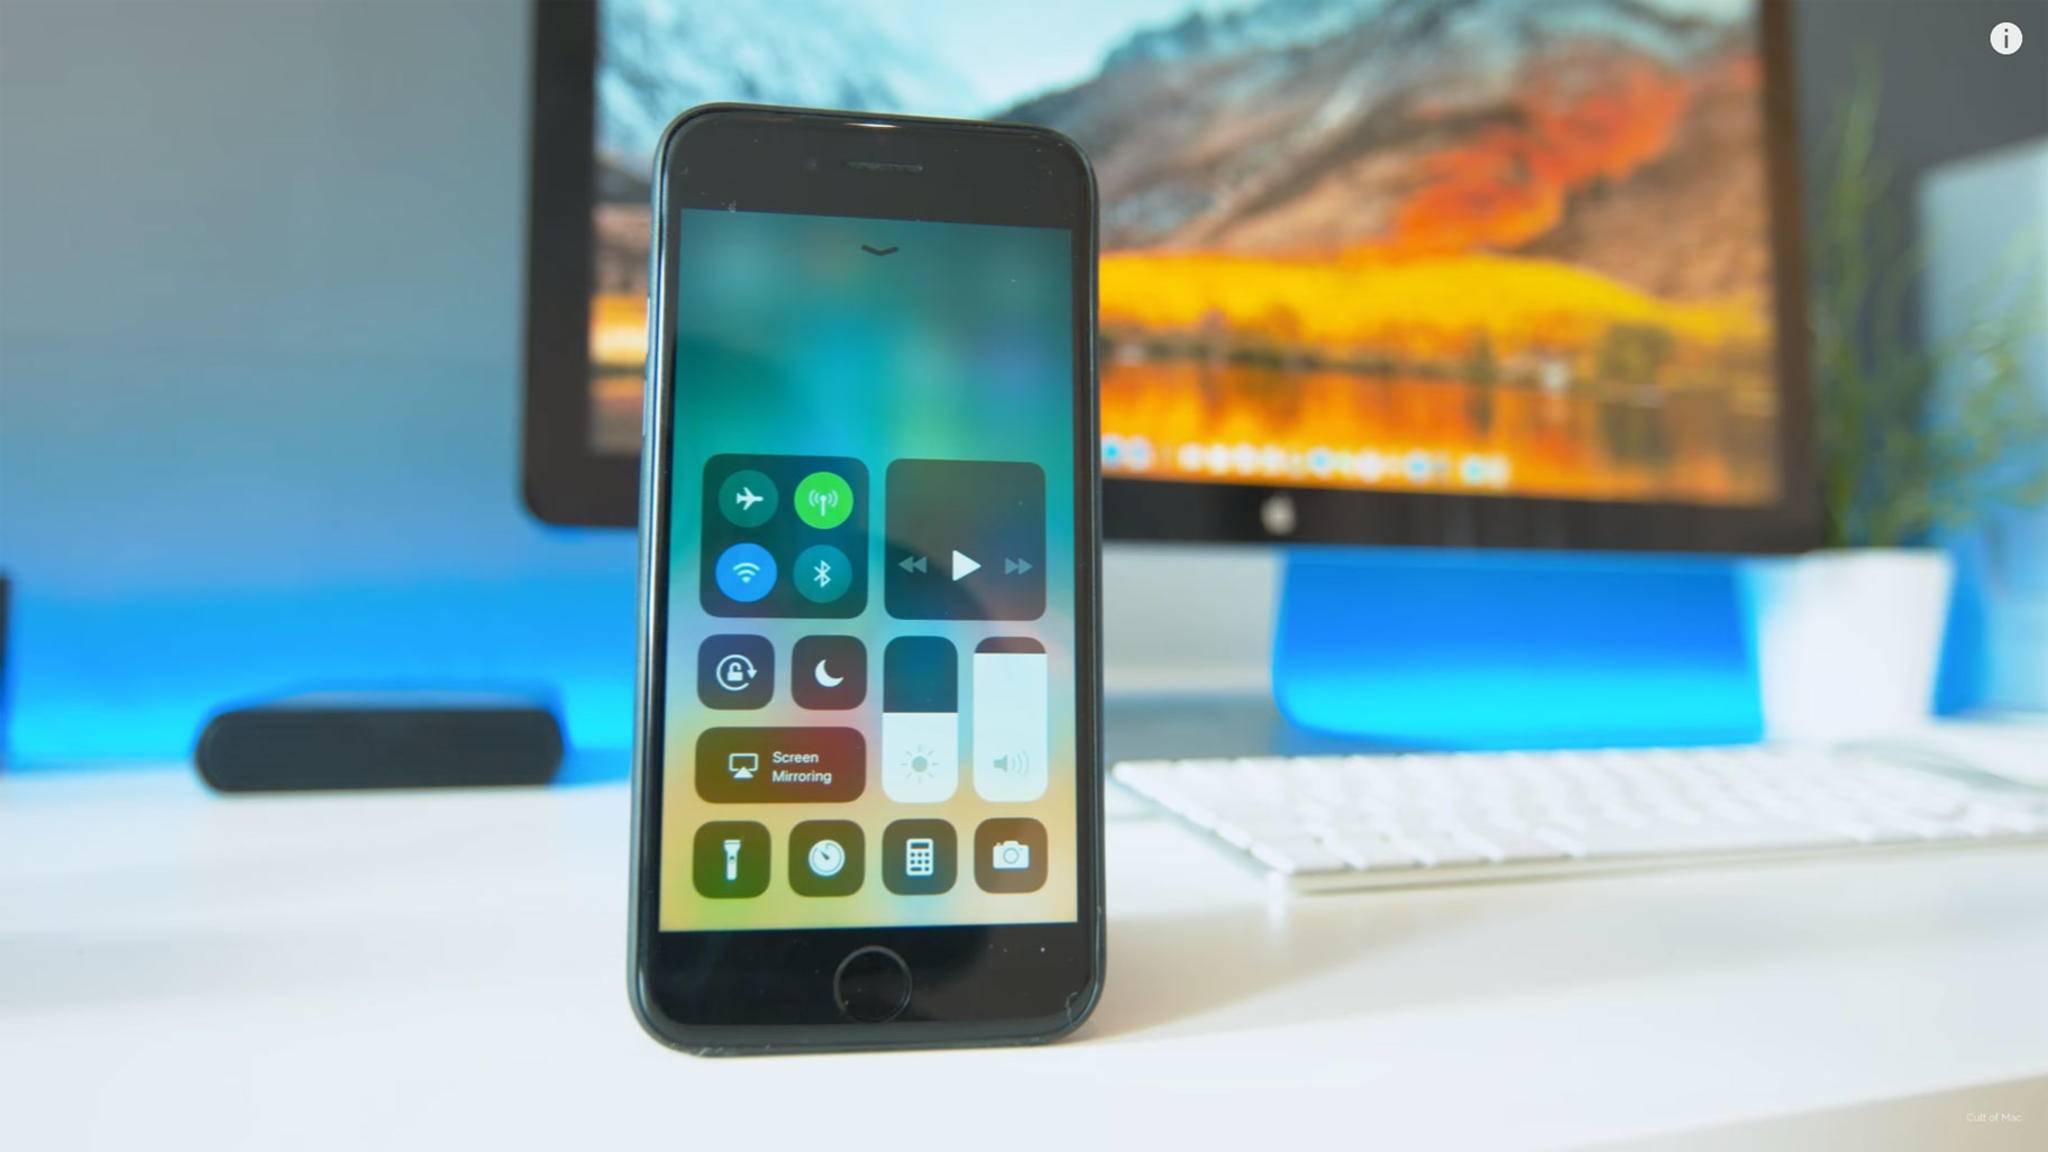 Der Release von iOS 11 steht an: So bereitest Du Dich optimal auf ihn vor.